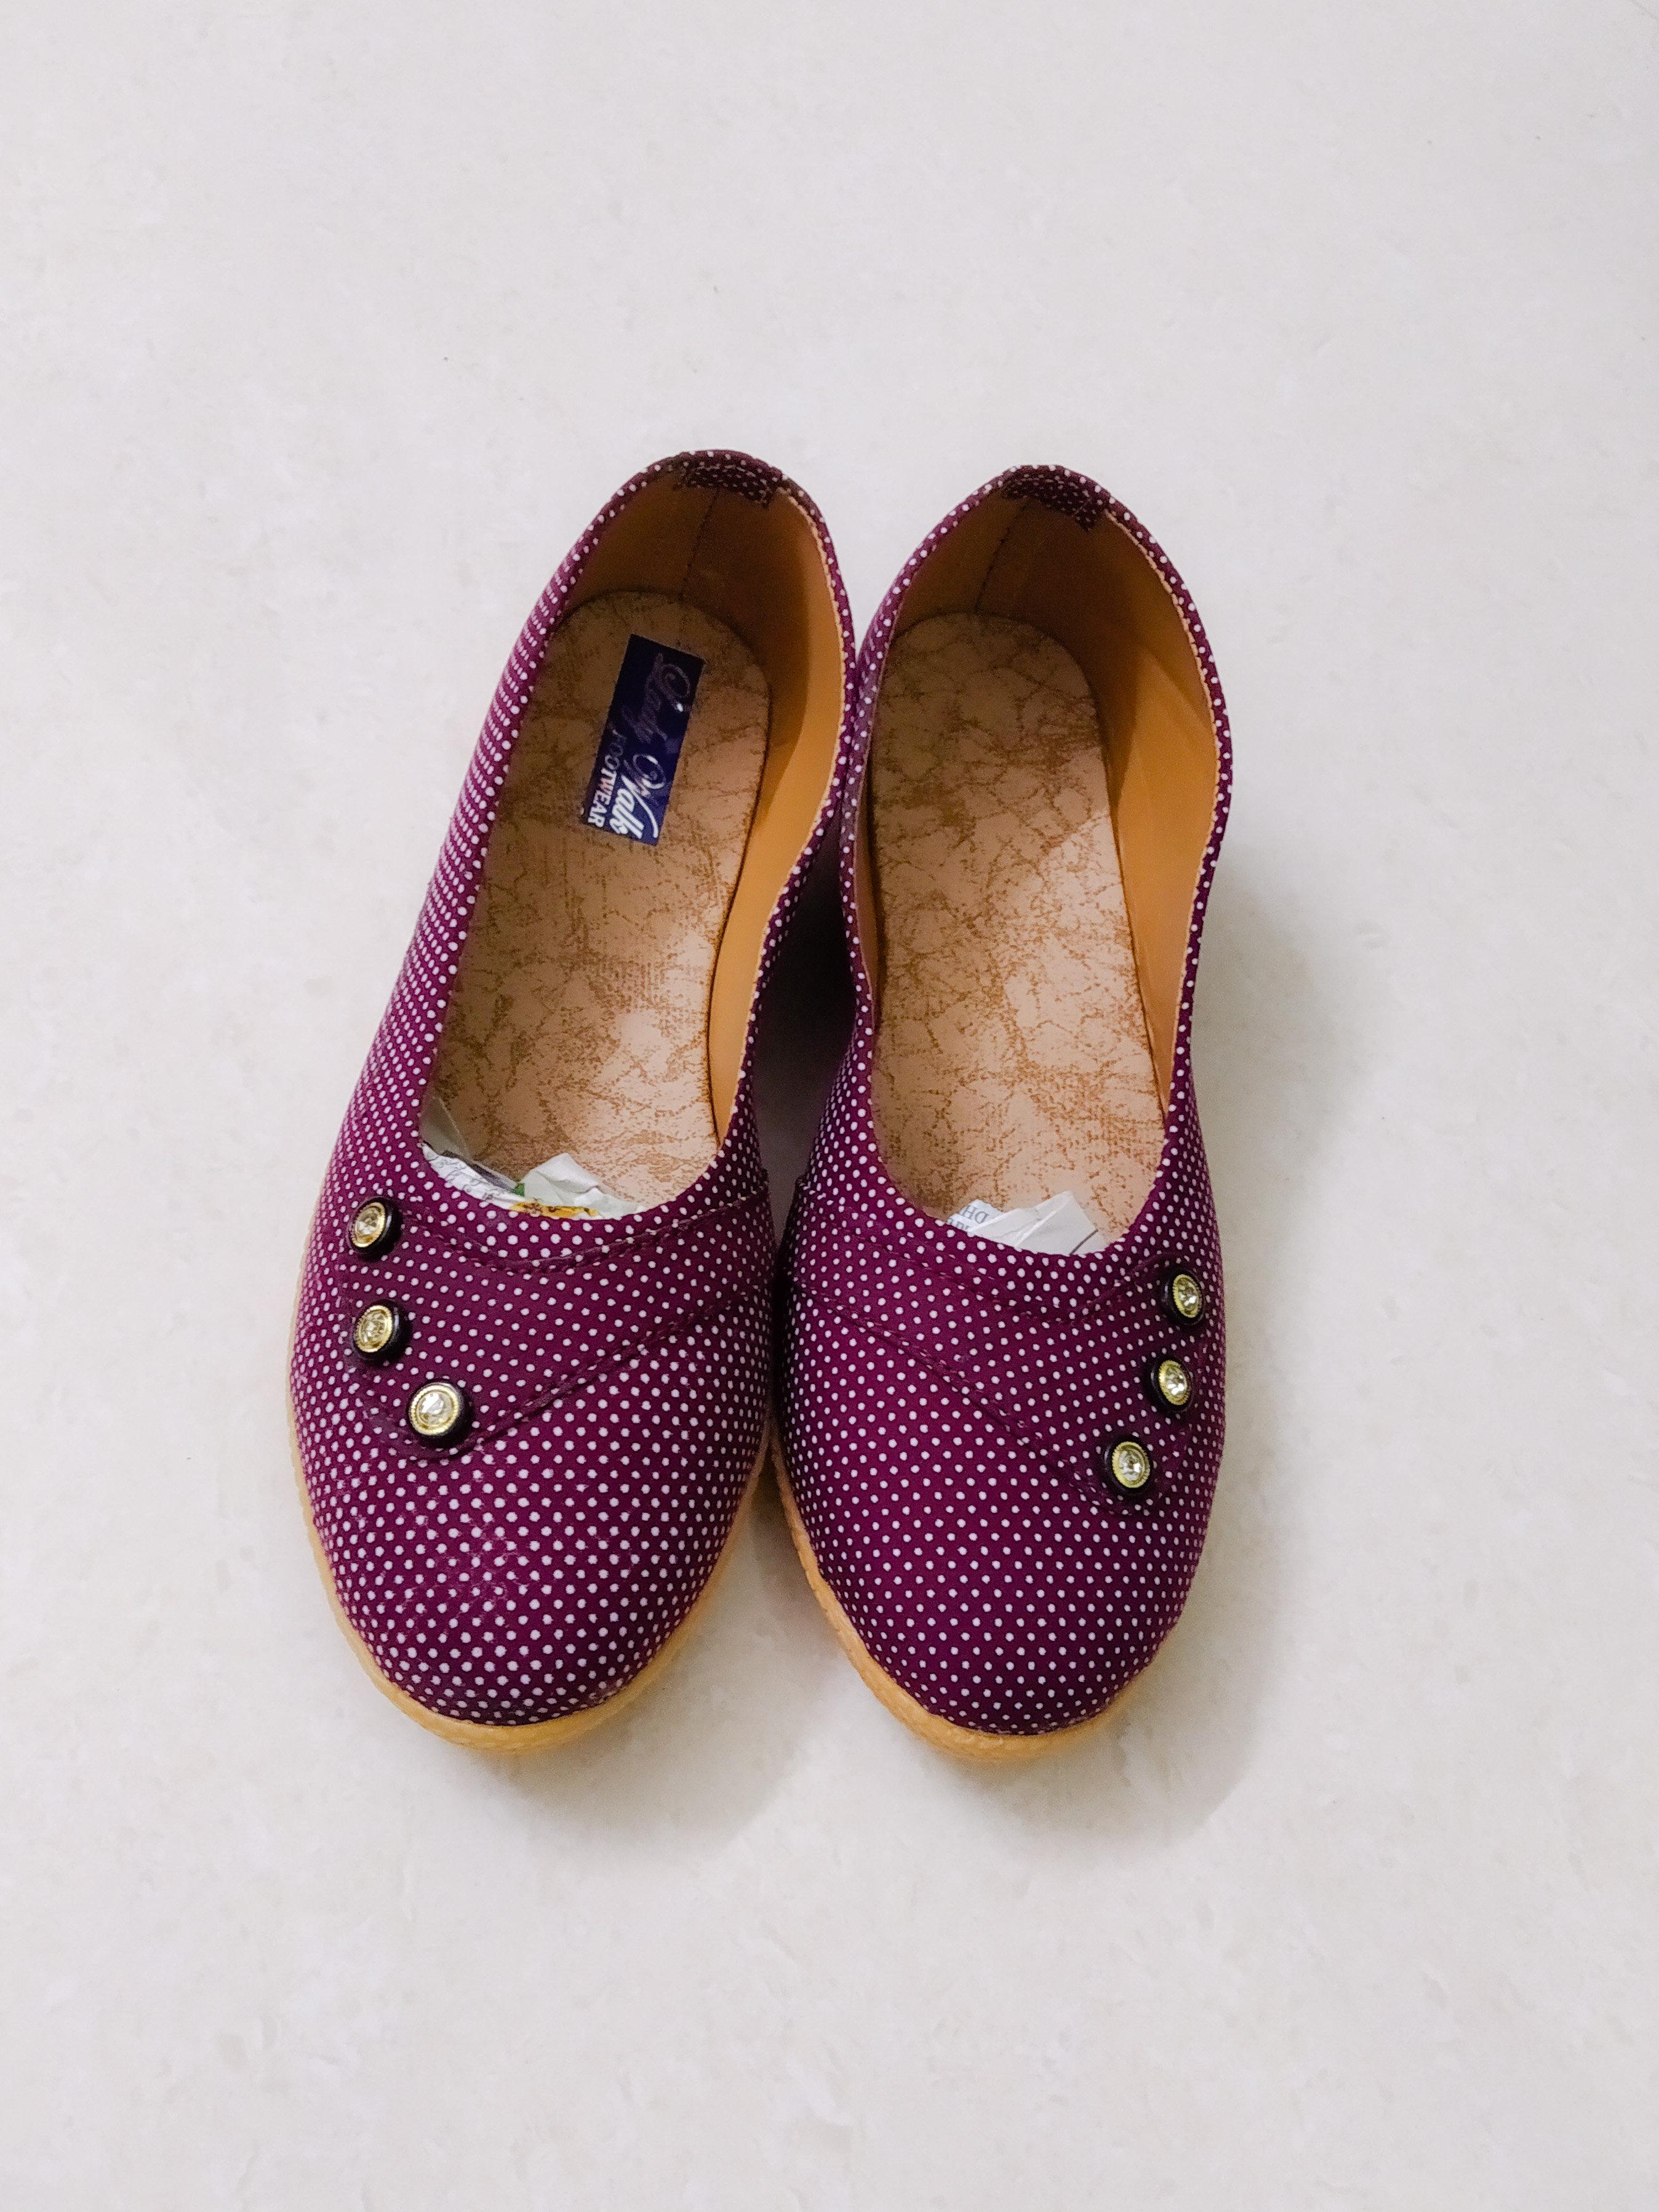 Girls' stylish cut shoes | teenbaan